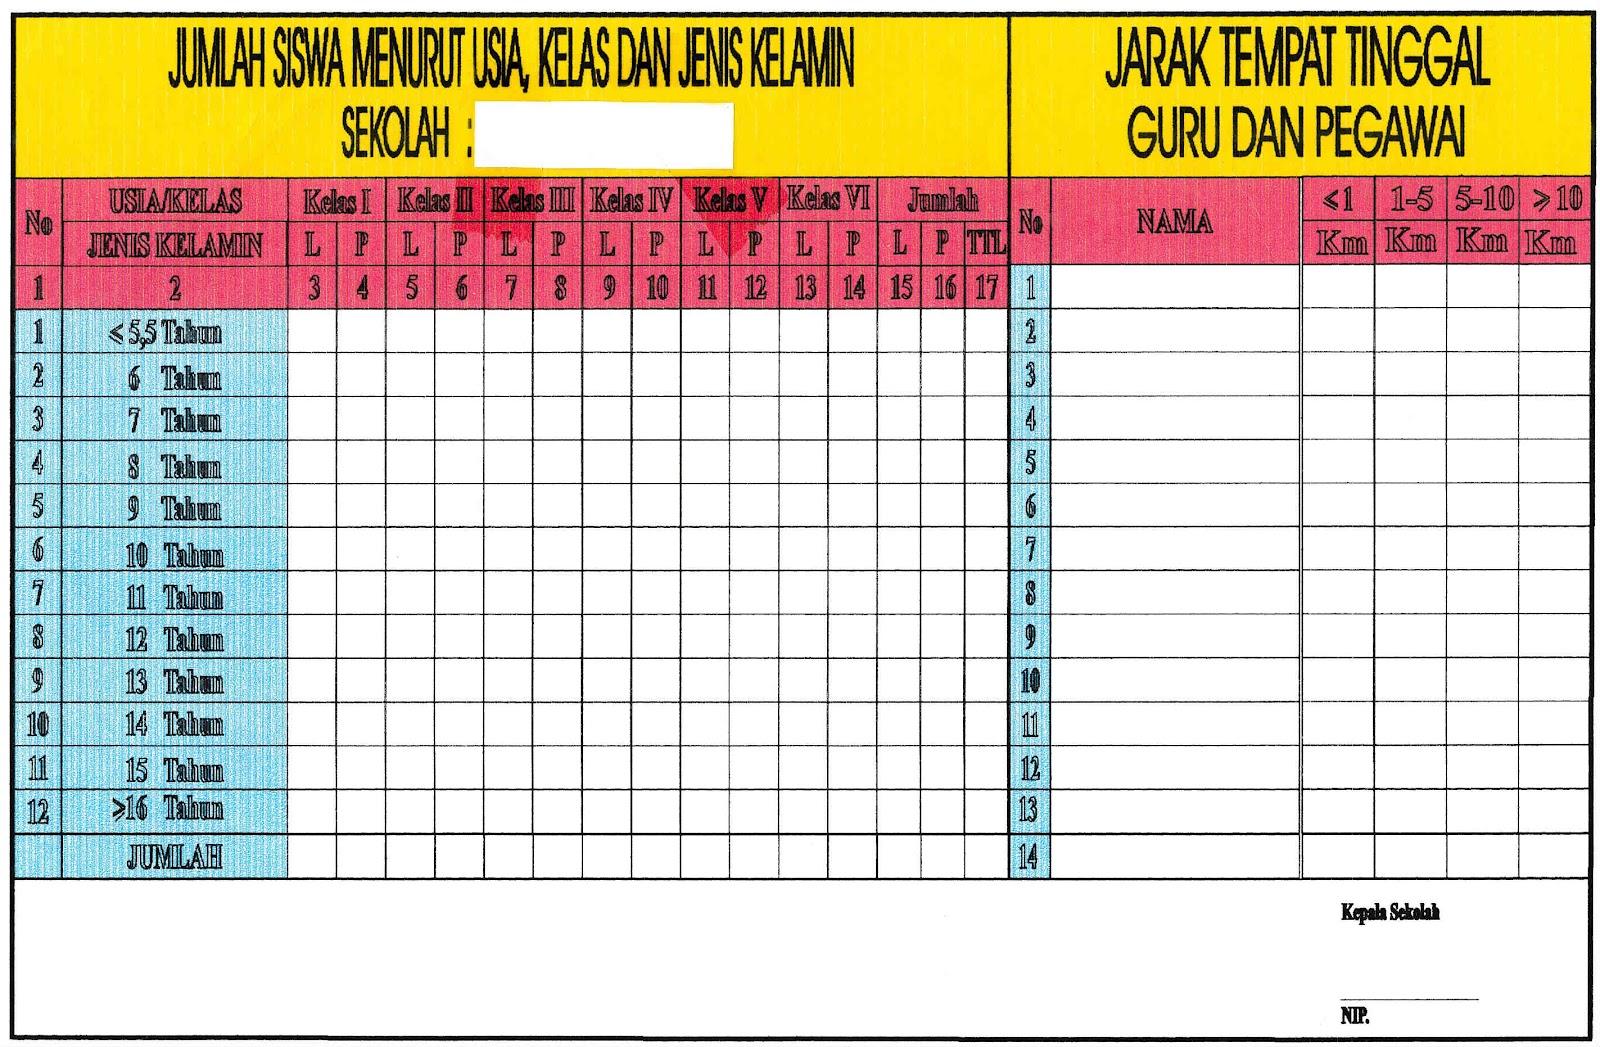 Download Macam-macam Gambar Papan Data - SMK Al-Furqan Jember